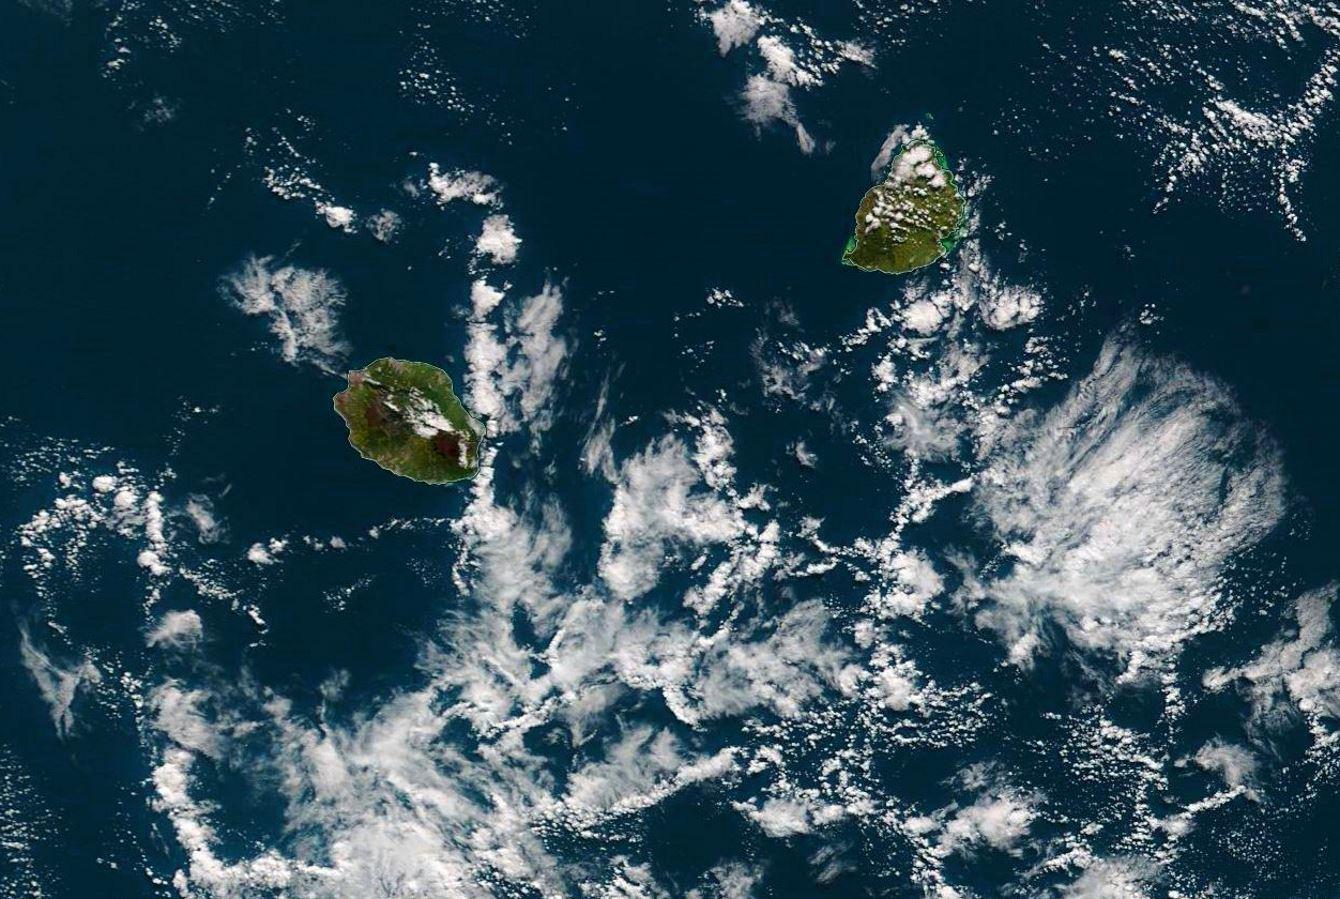 Les Iles Soeurs vues par le satellite Terra à 10h10 ce matin(NASA). Les nuages situés au Sud-Est de la Réunion ont de bonnes chances d'être poussés par les vents d'Est Sud-Est ce soir et la nuit prochaine. Il pourront venir s'échouer sur les côtes Est de l'île entre Saint Joseph et Sainte Marie avec des passages d'averses